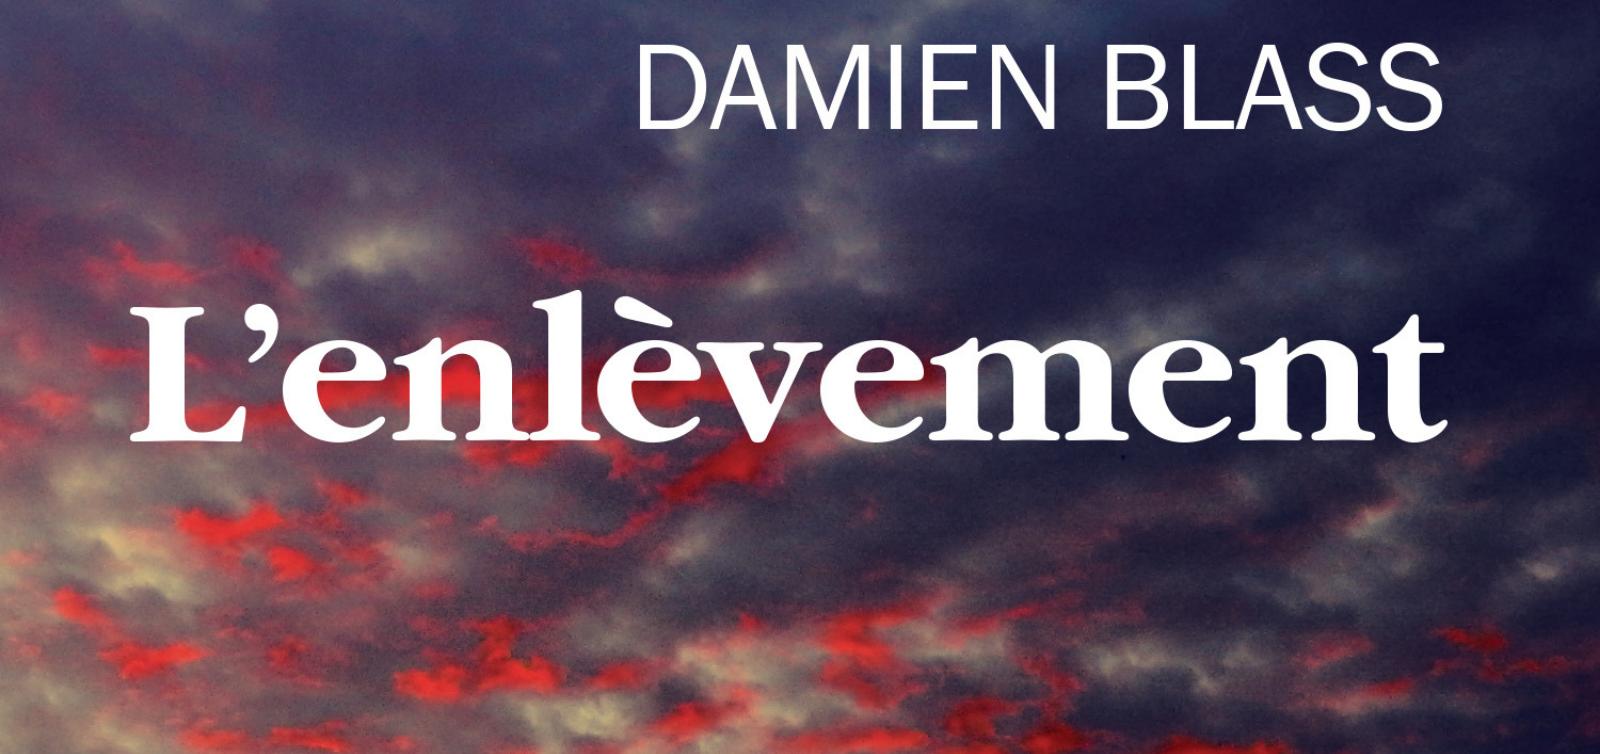 À paraître chez Triptyque le 7 août 2019, L'enlèvement est le premier roman de l'auteur québécois Damien Blass. Il s'agit d'un livre de science-fiction « born again » qui convoque les mythologies chrétienne et extraterrestre. Avis lecture sur lilitherature.com.